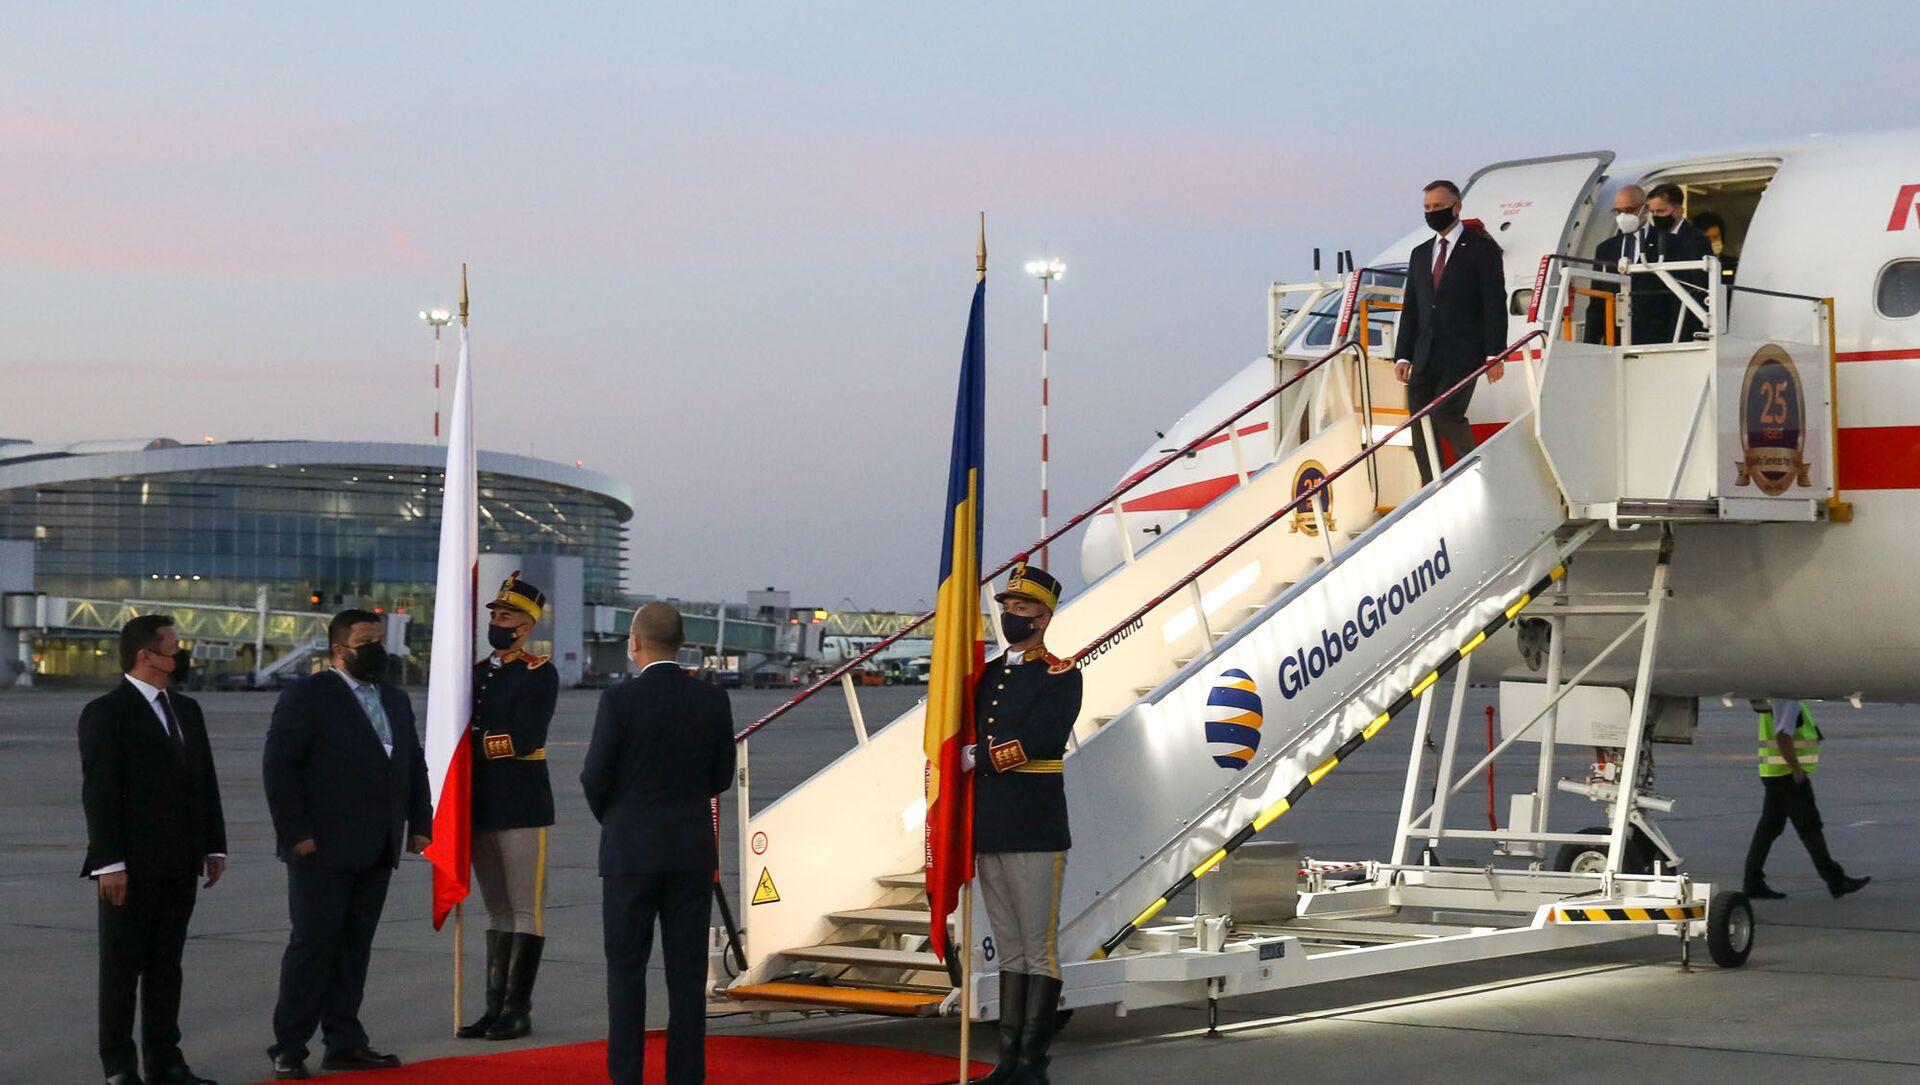 Prezydent Andrzej Duda z wizytą w Rumunii - Sputnik Polska, 1920, 10.05.2021